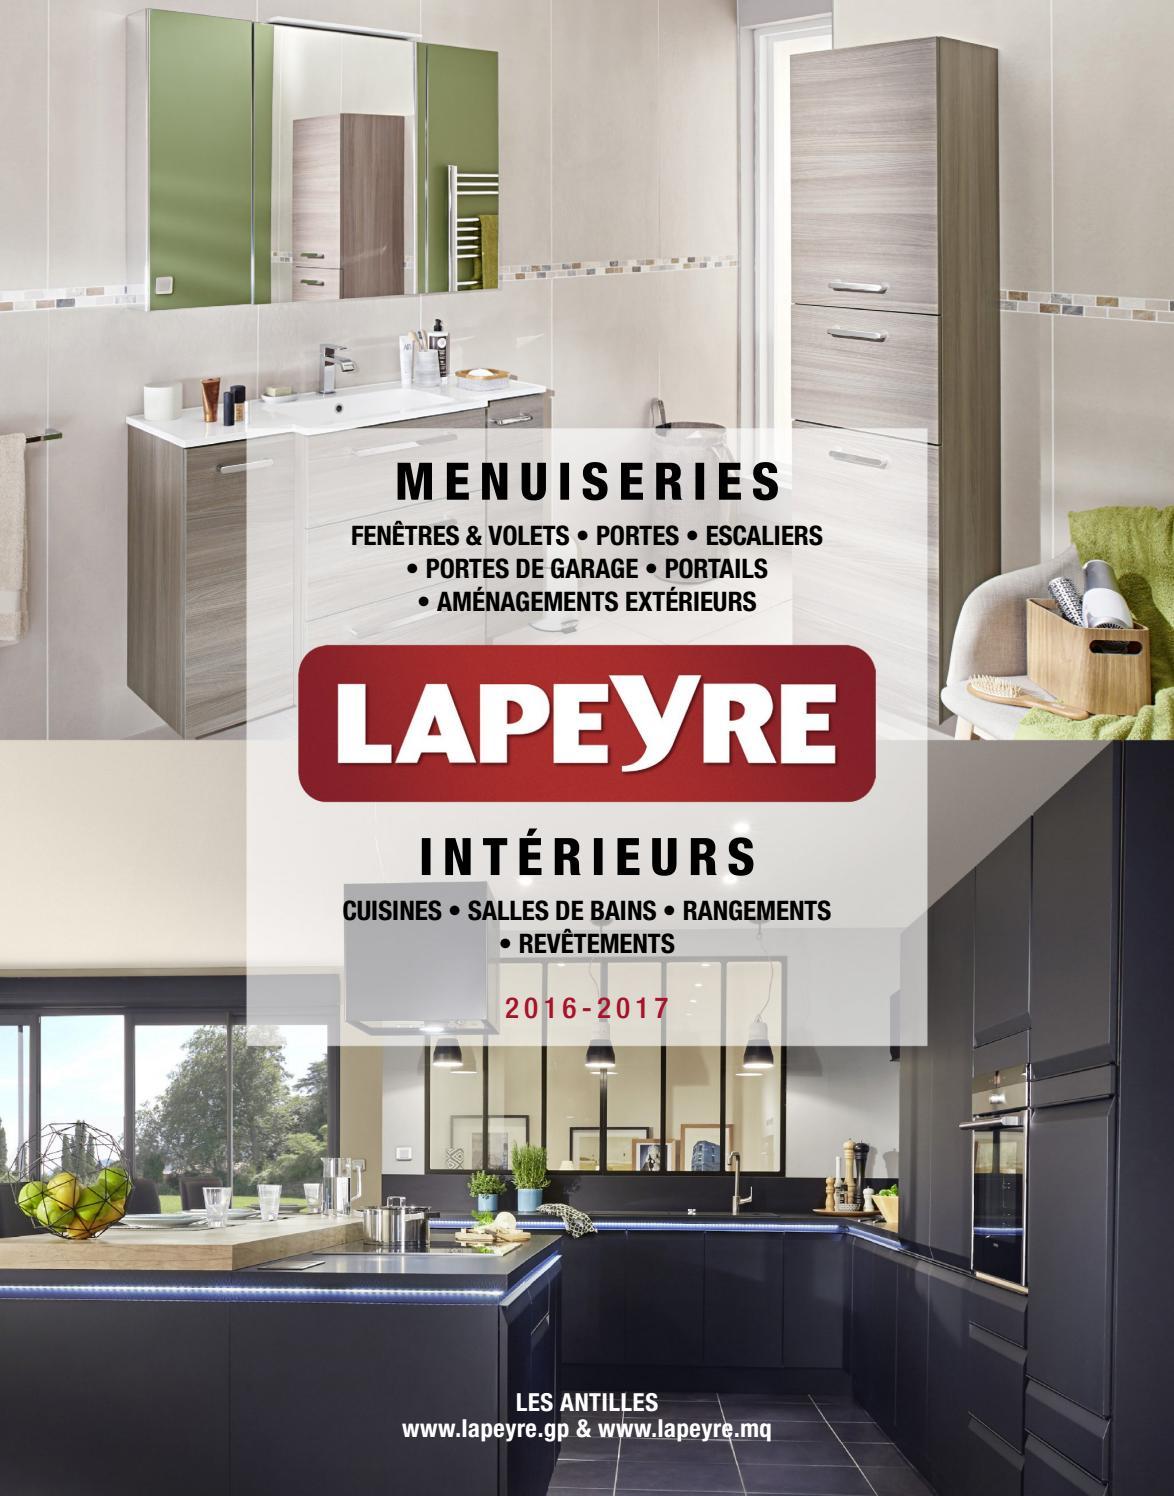 Modele salle de bain lapeyre for Catalogue lapeyre salle de bain pdf